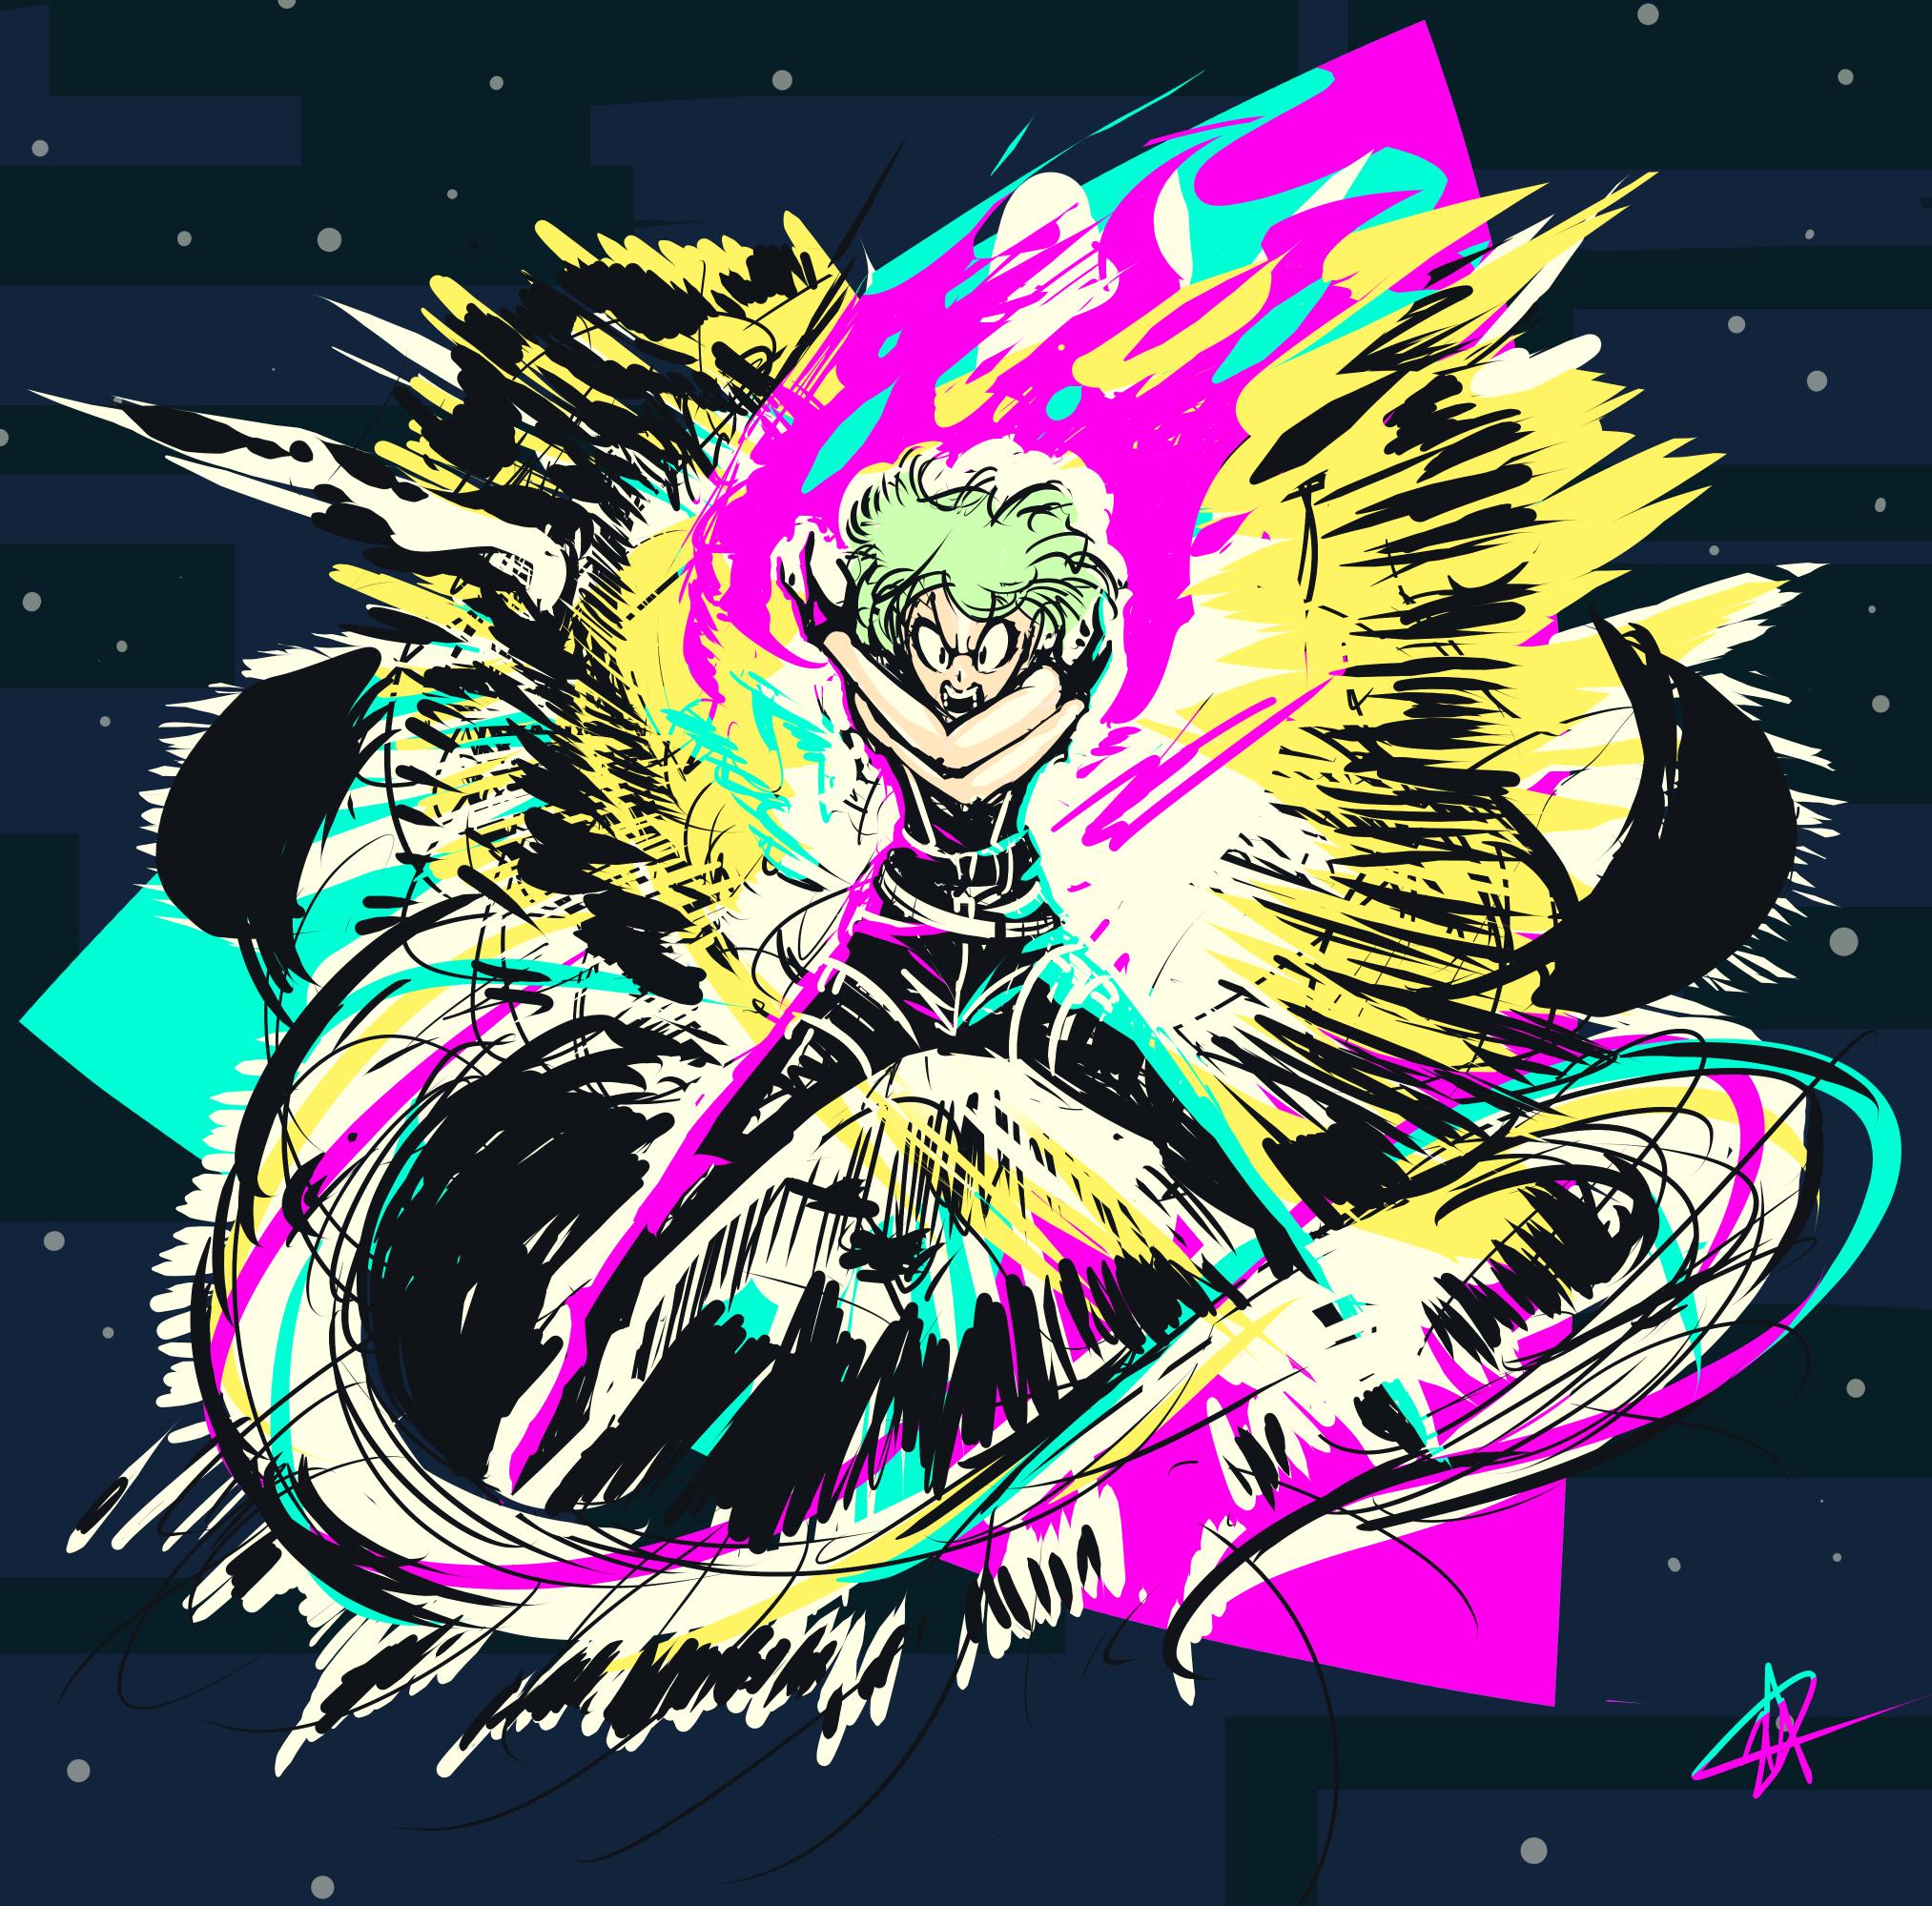 Lio Explosion